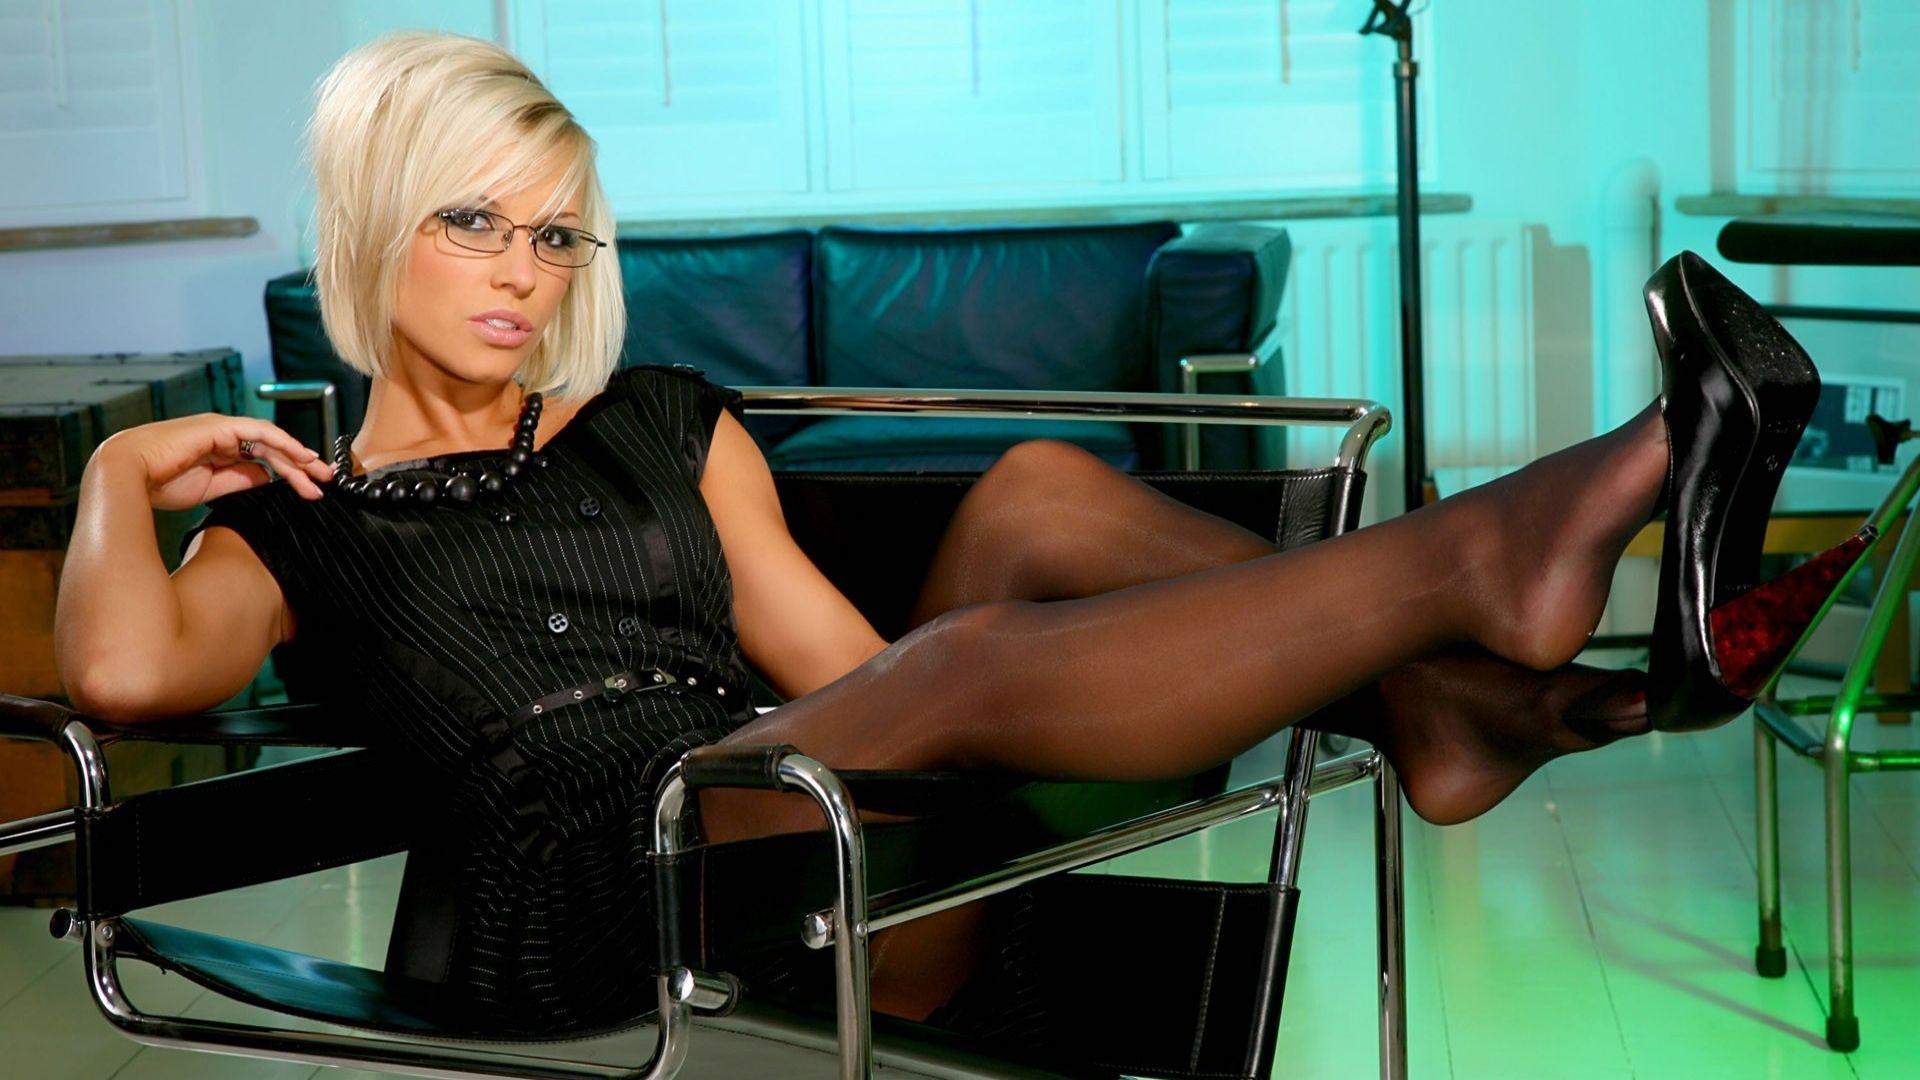 russkaya-blondinka-video